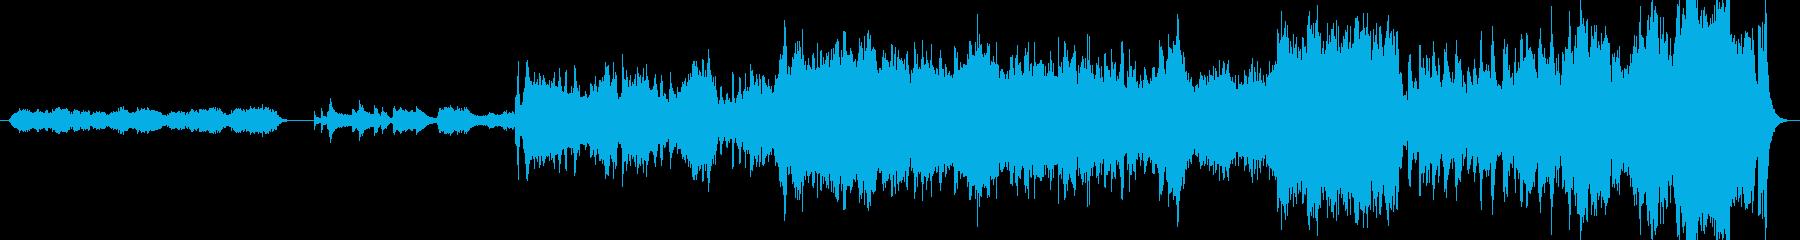 海へ大冒険感動のフィナーレ編オーケストラの再生済みの波形